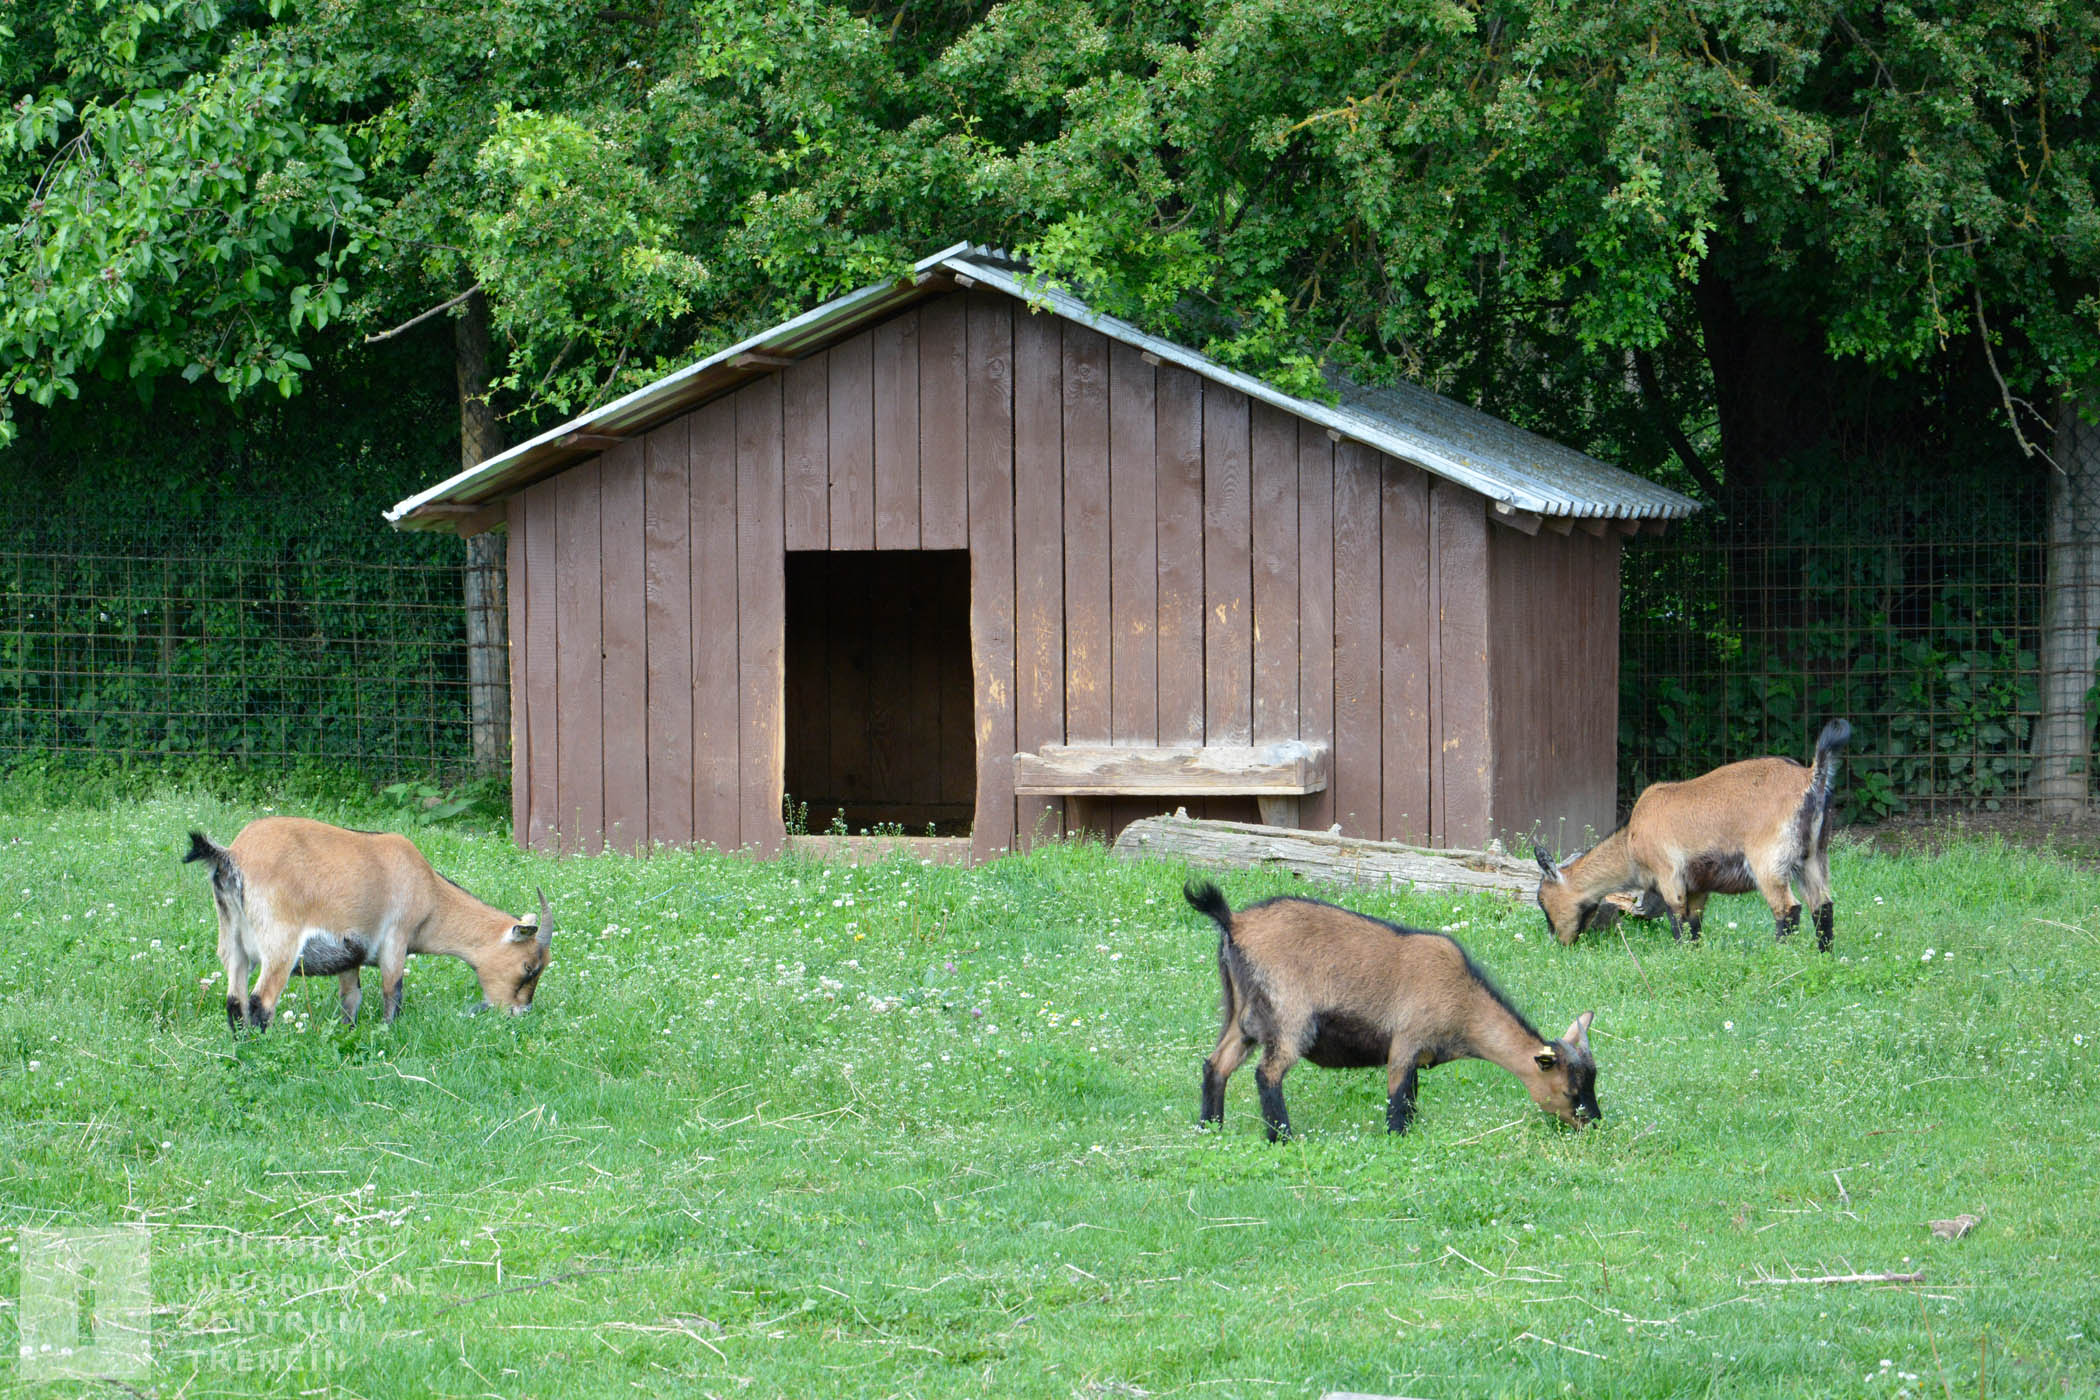 Kozy žijú v skupinách, chovajú sa hlavne kvôli mlieku, mäsu a koži.